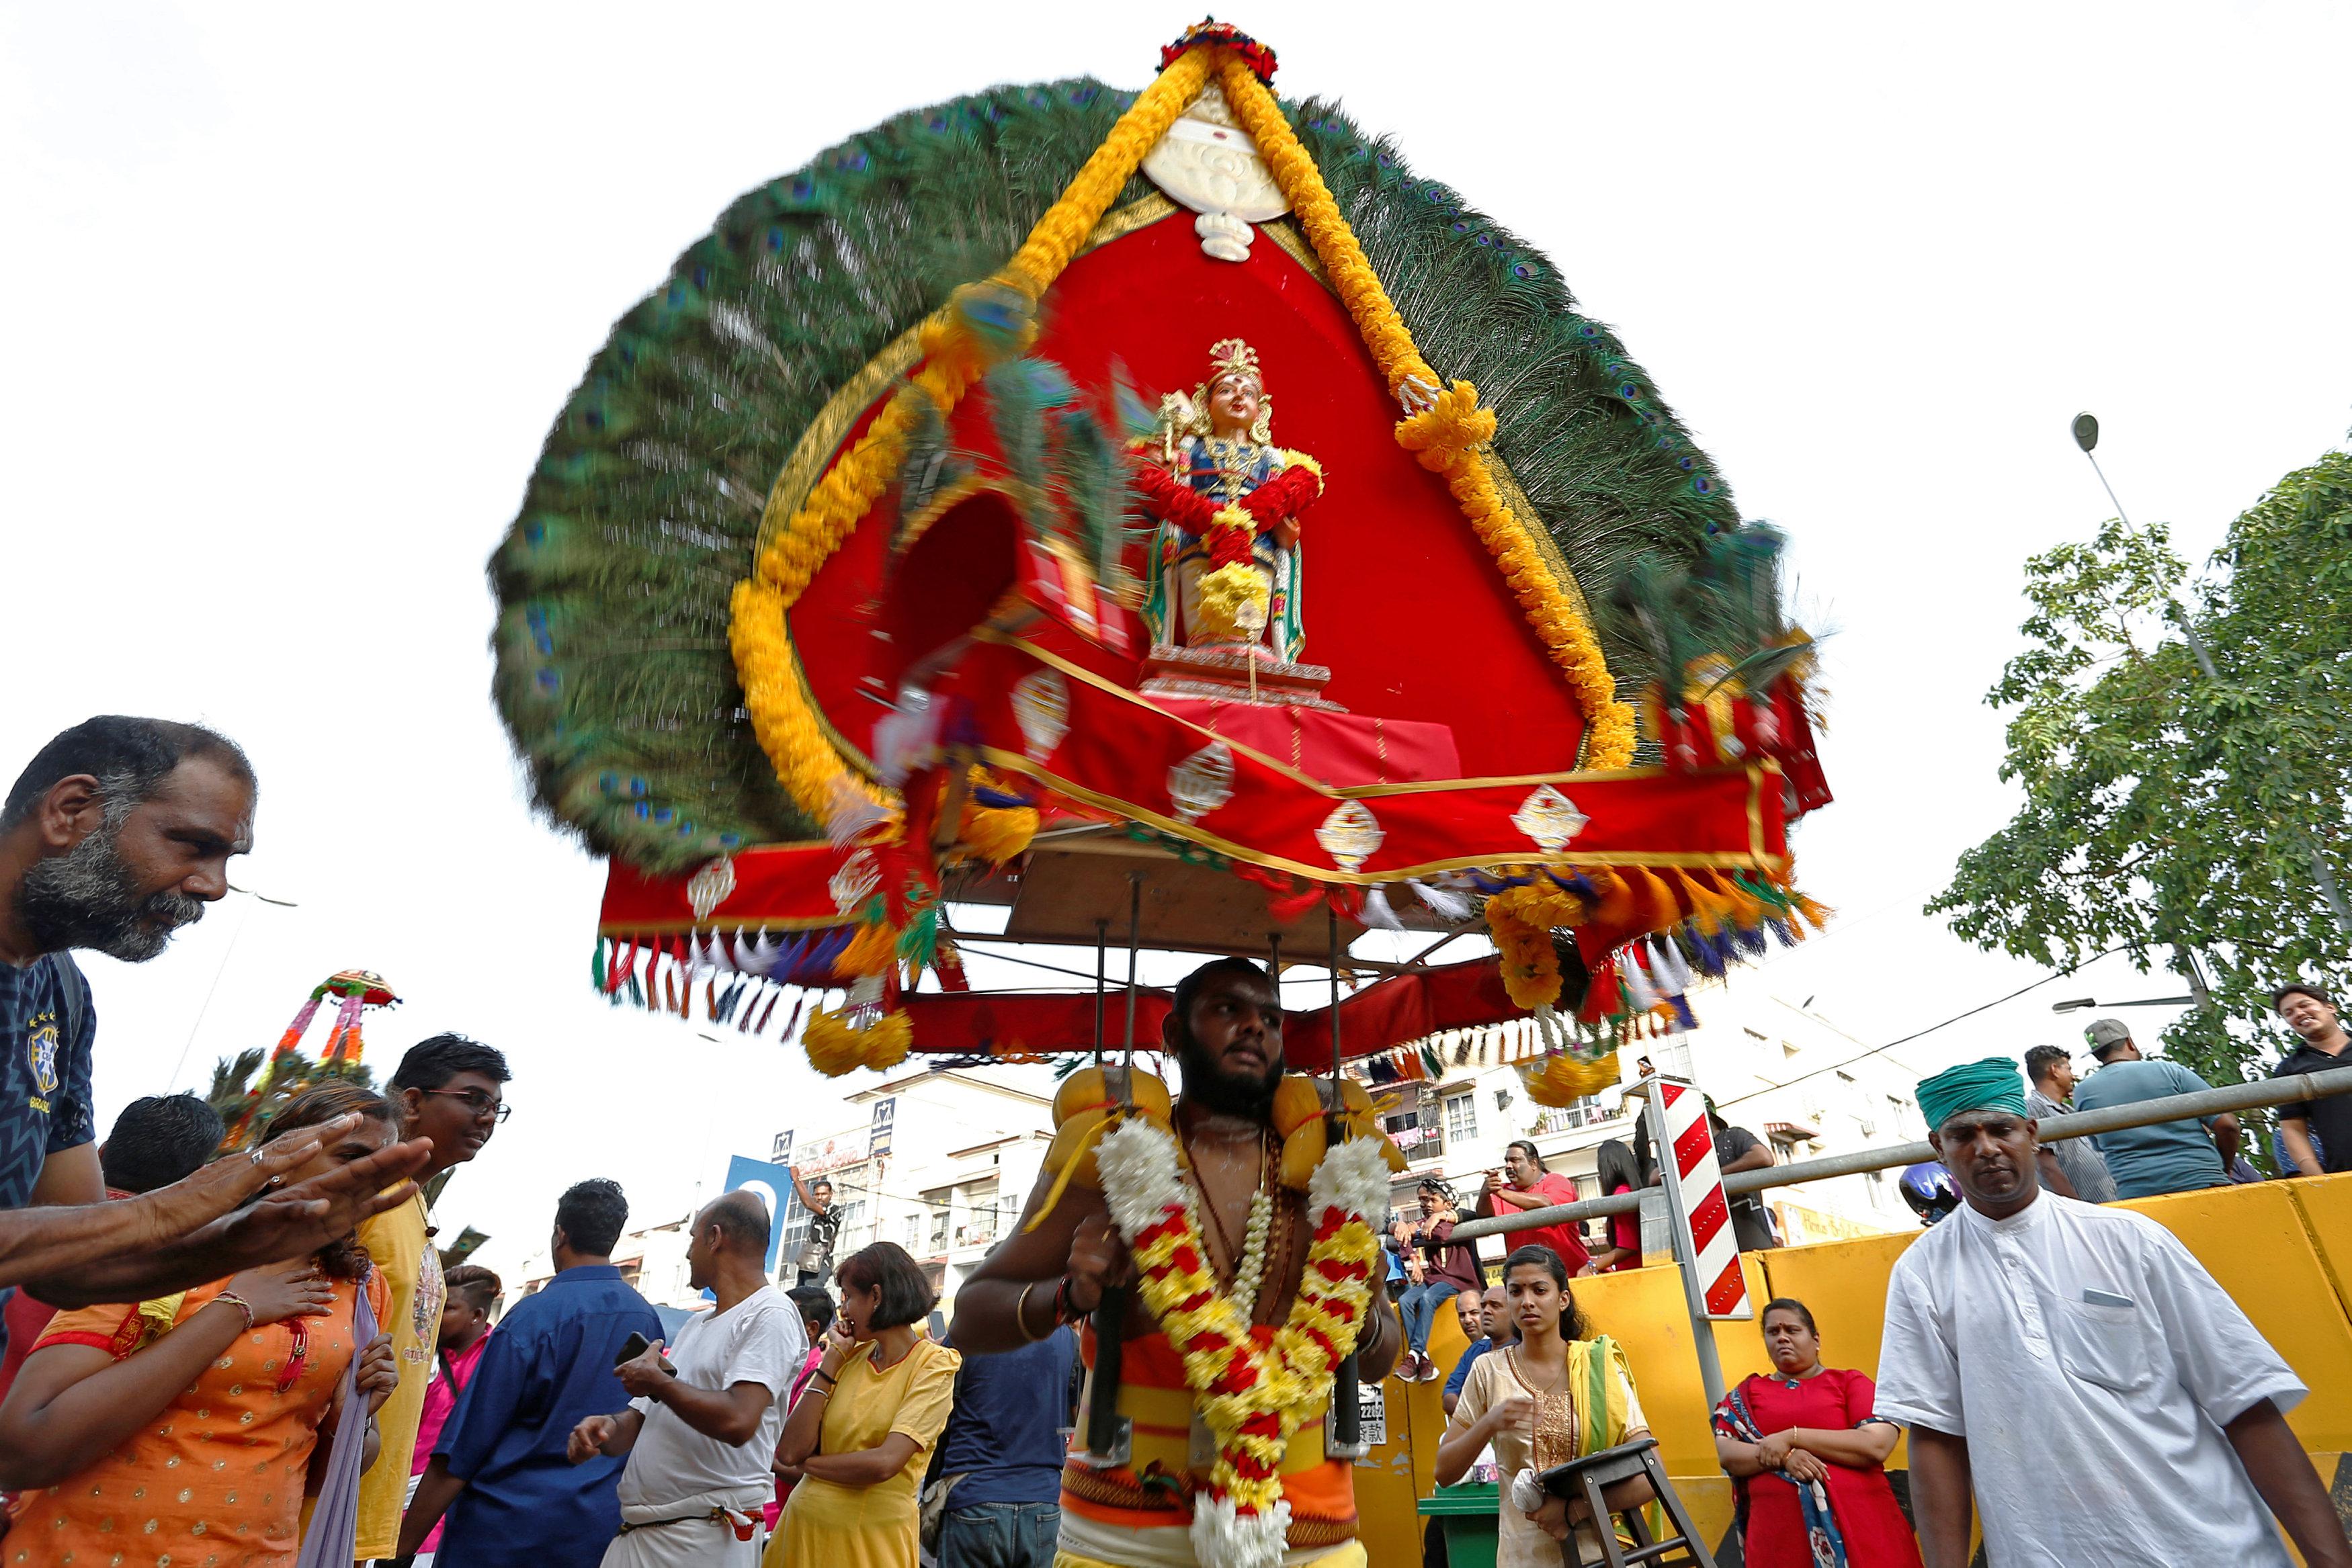 احتفالات دموية فى ماليزيا  (5)